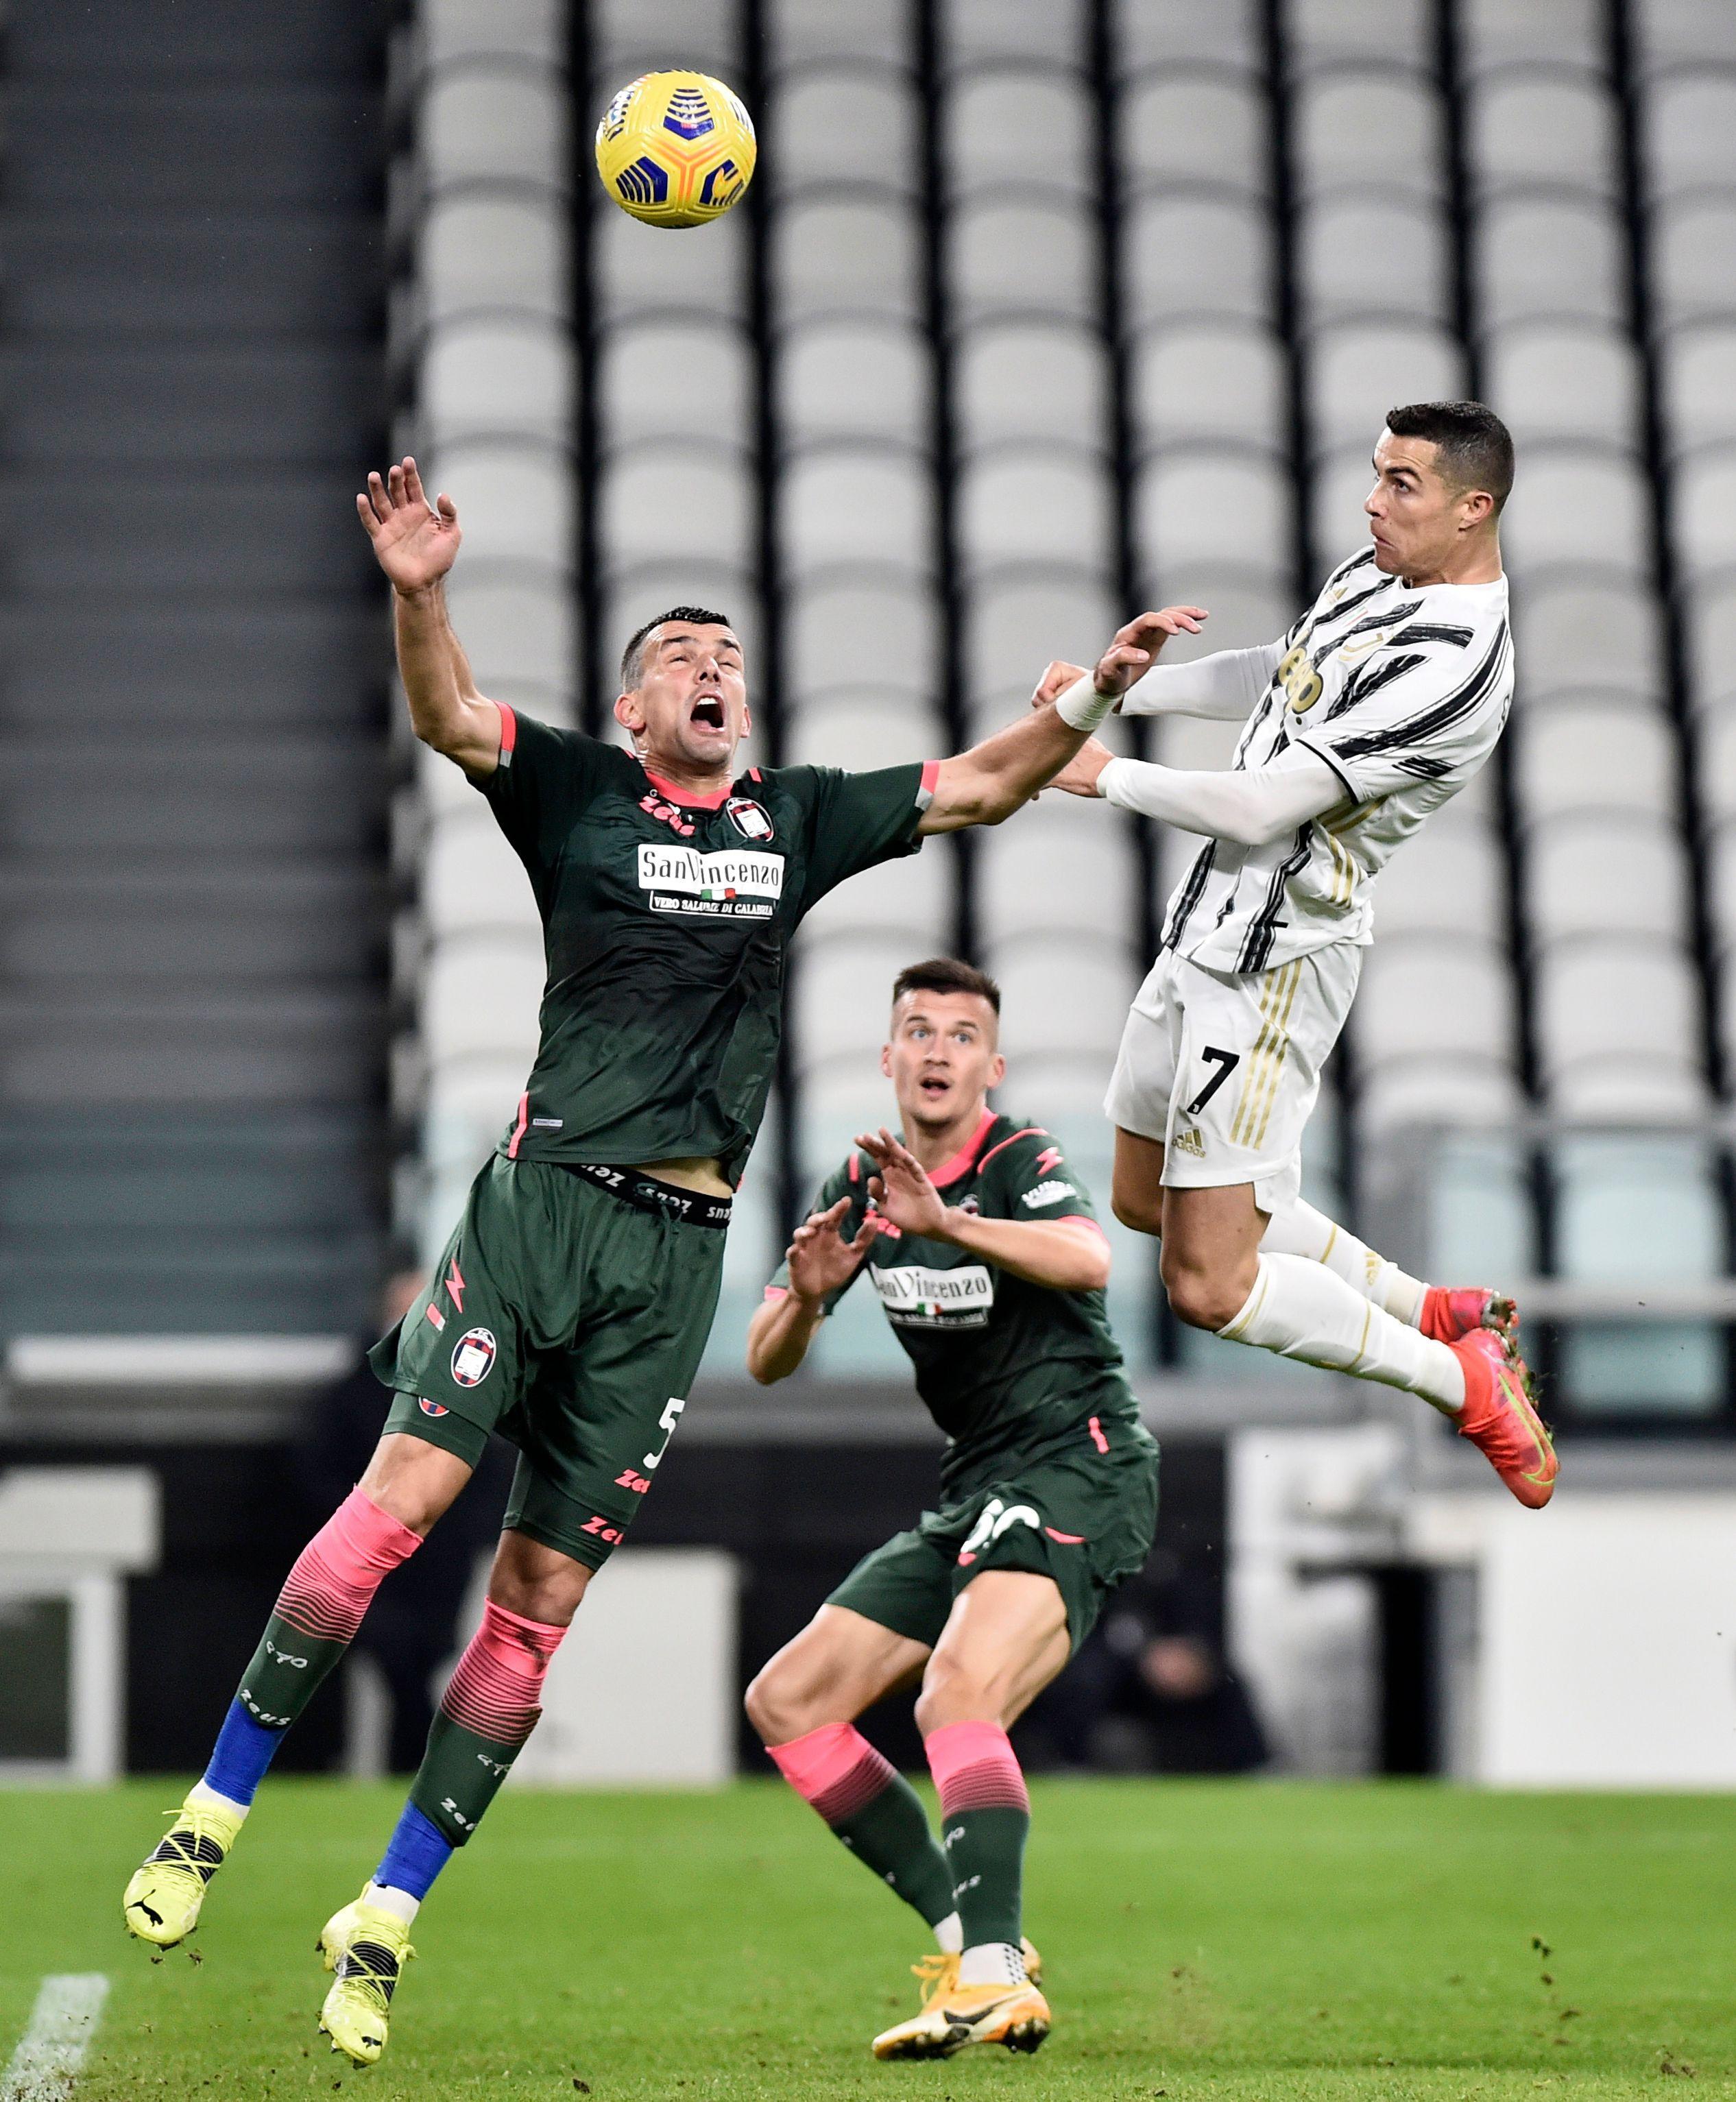 El espectacular salto de Cristiano Ronaldo (Reuters)